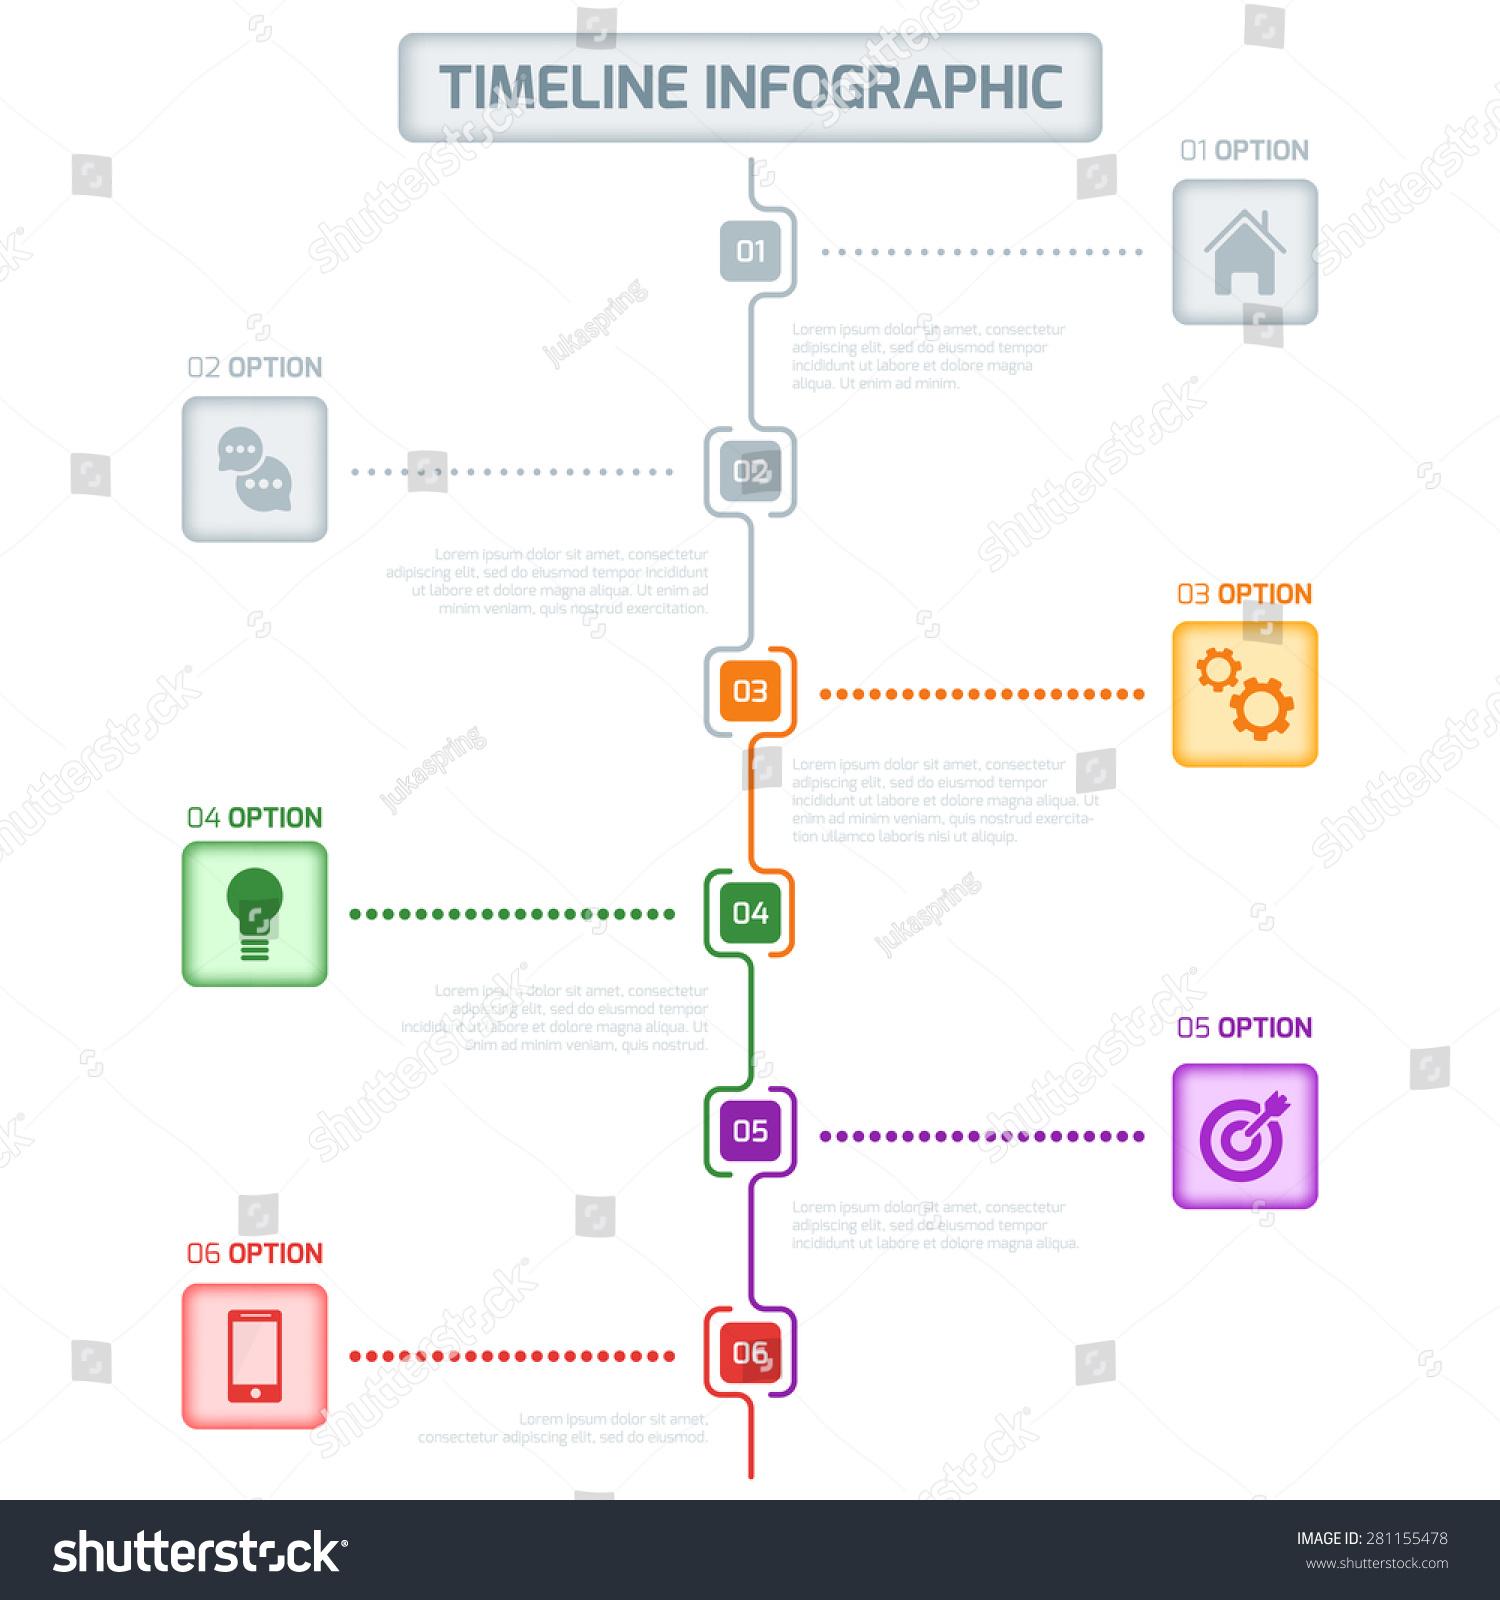 timeline infographic vector cv resume business presentation project workflow design template. Black Bedroom Furniture Sets. Home Design Ideas